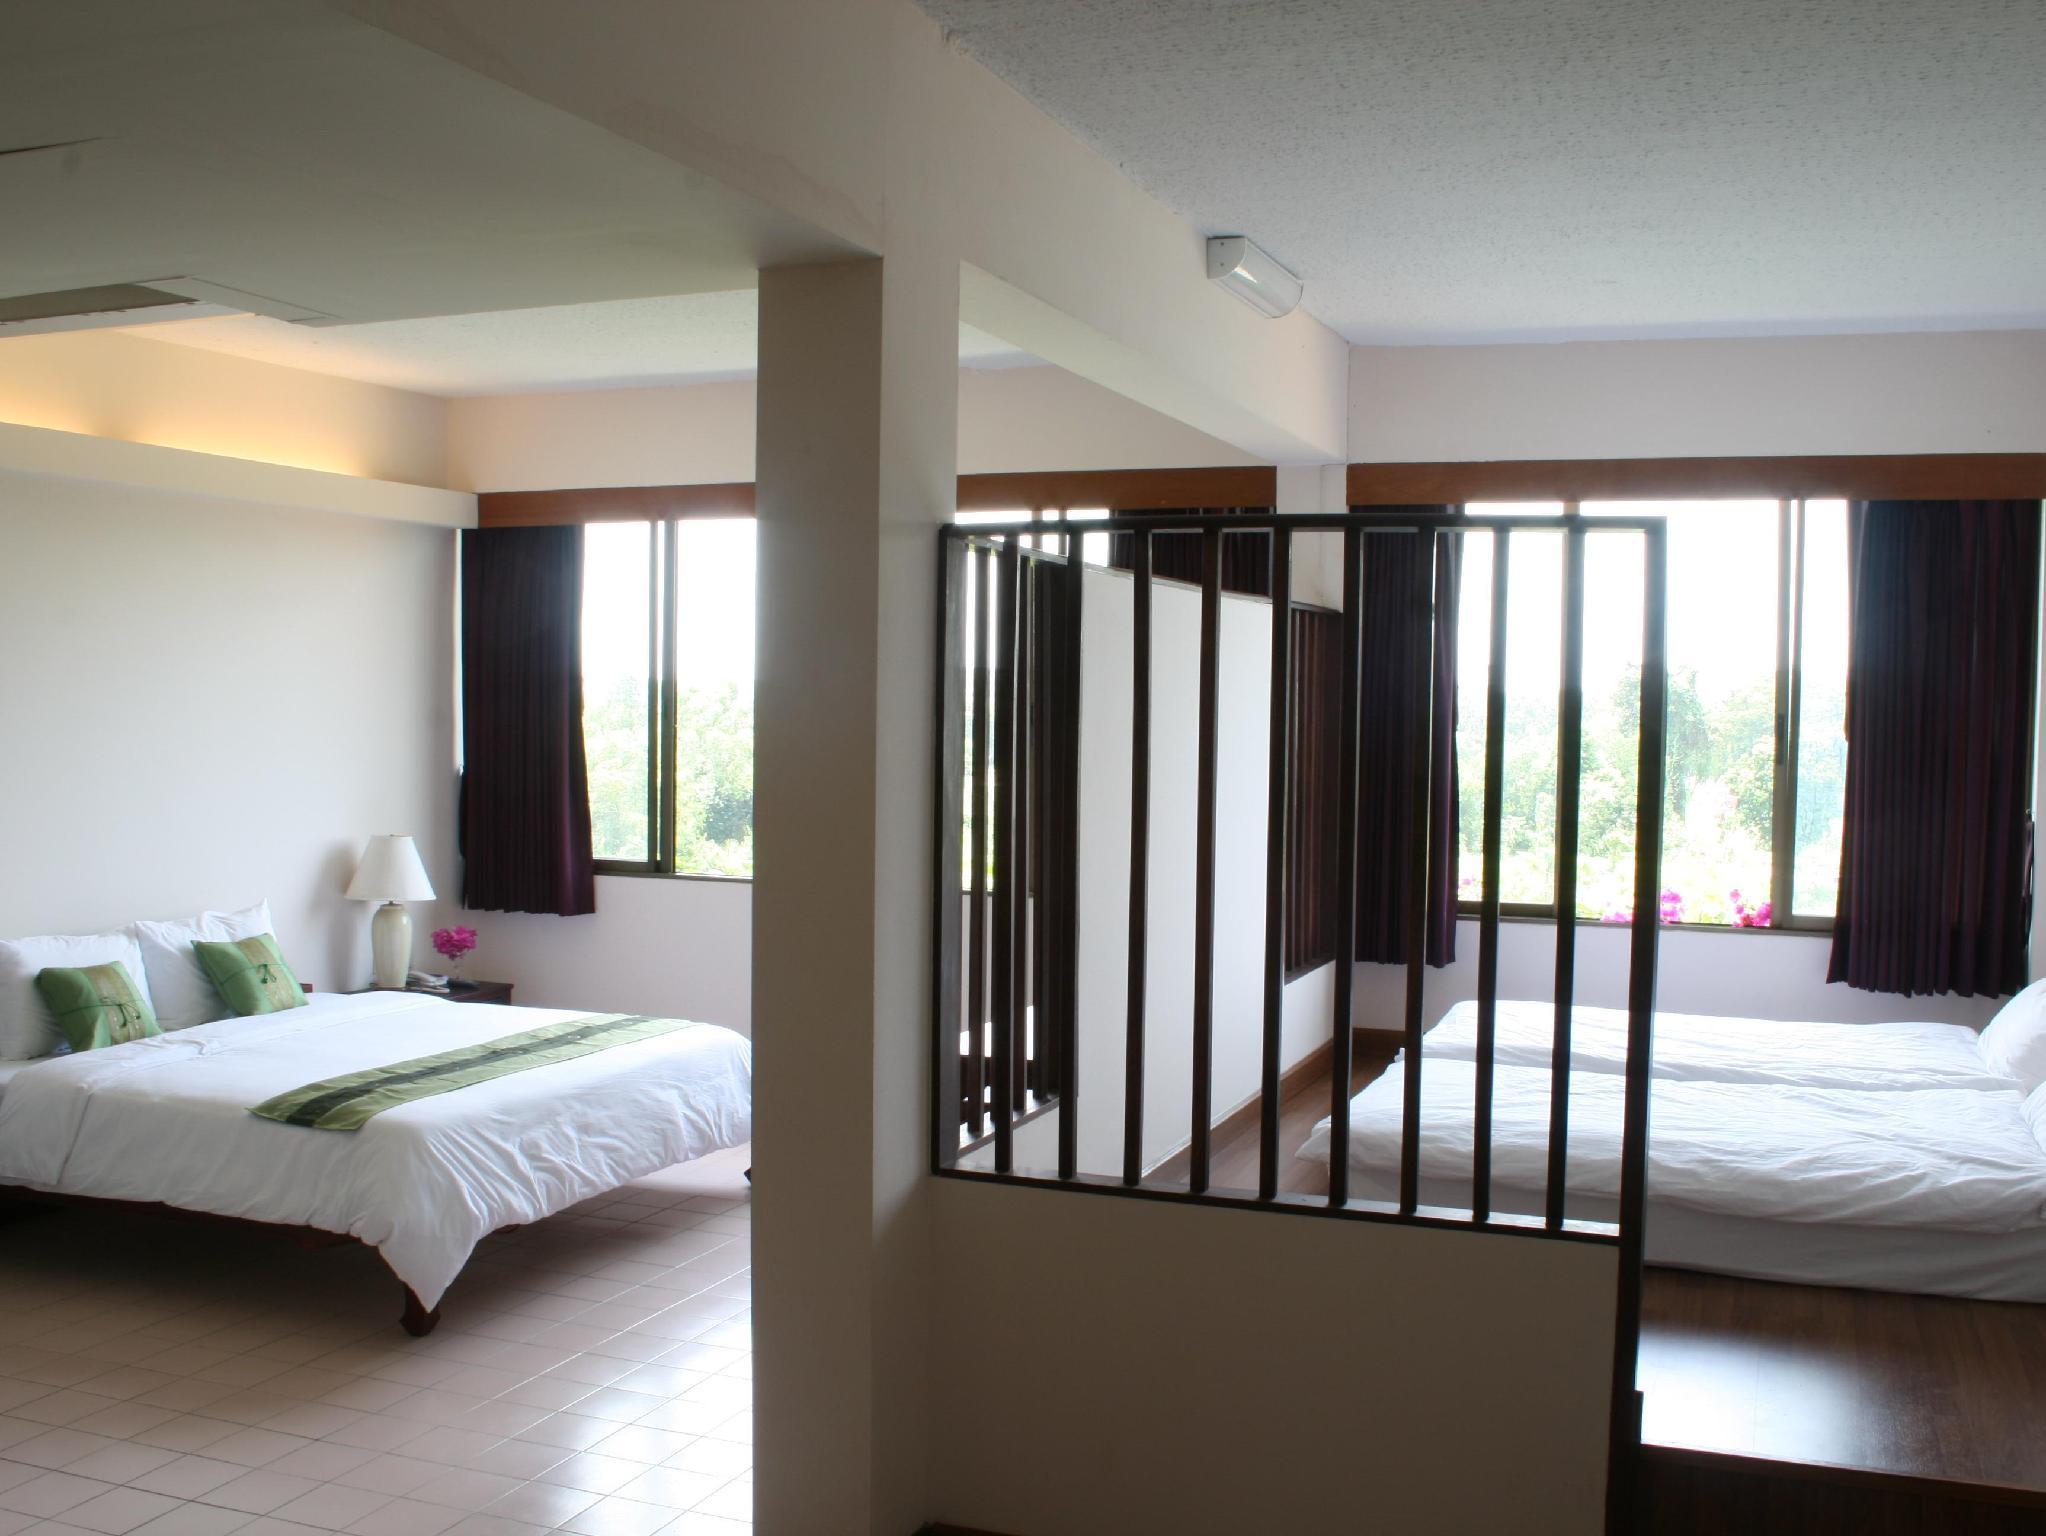 梅尔皮姆度假村酒店,แม่พิมพ์ รีสอร์ท โฮเต็ล